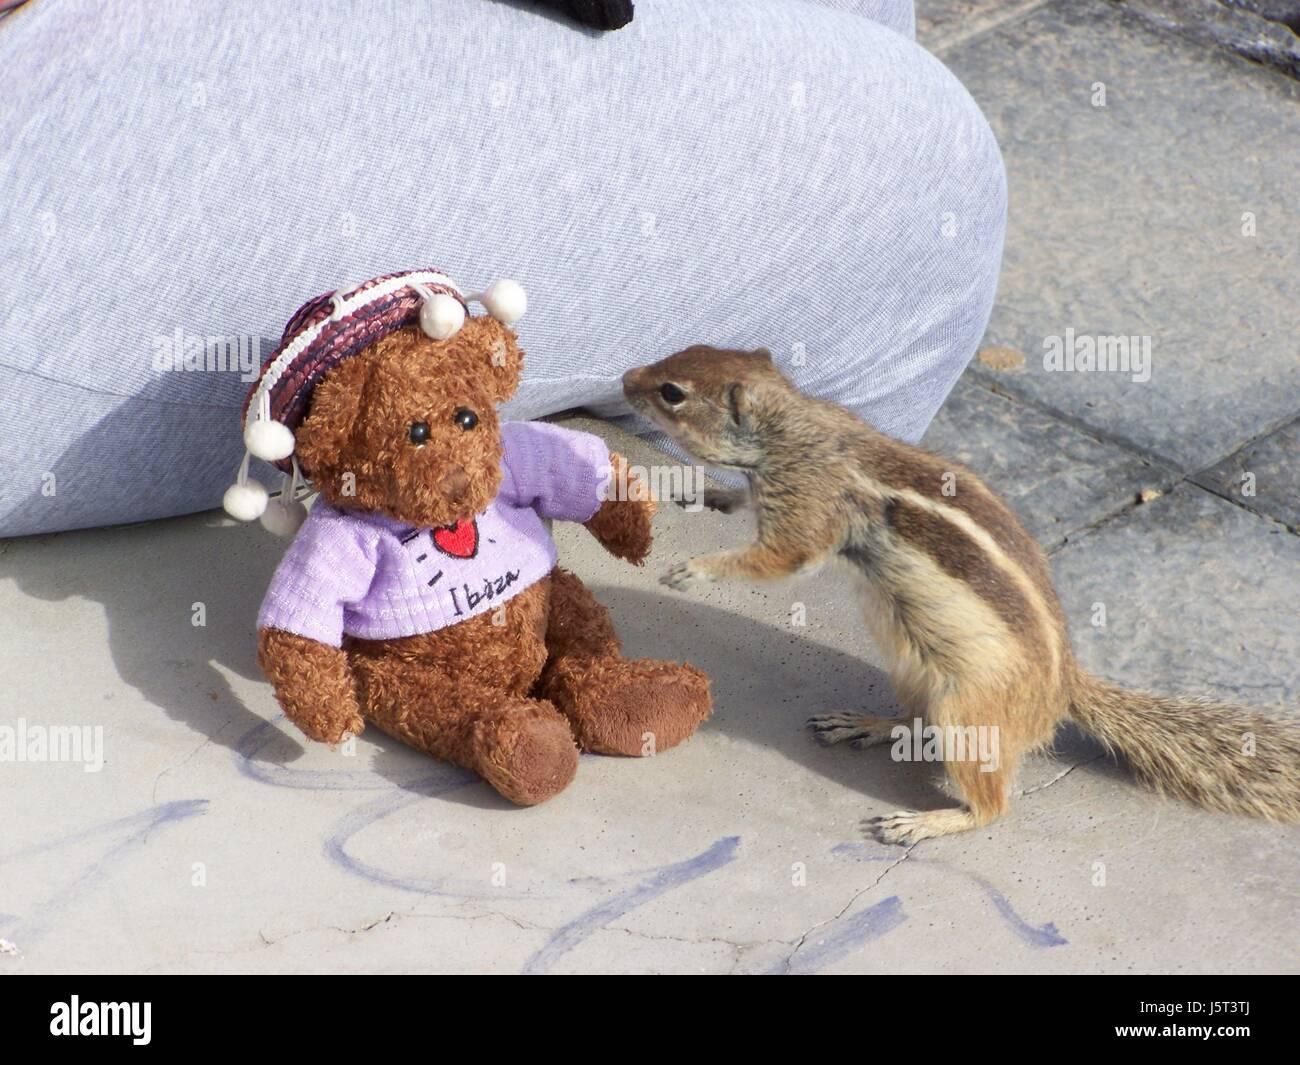 squirrel,teddy,funny,maddening,pert,coquettish,cute,calleta,fuerteventura - Stock Image